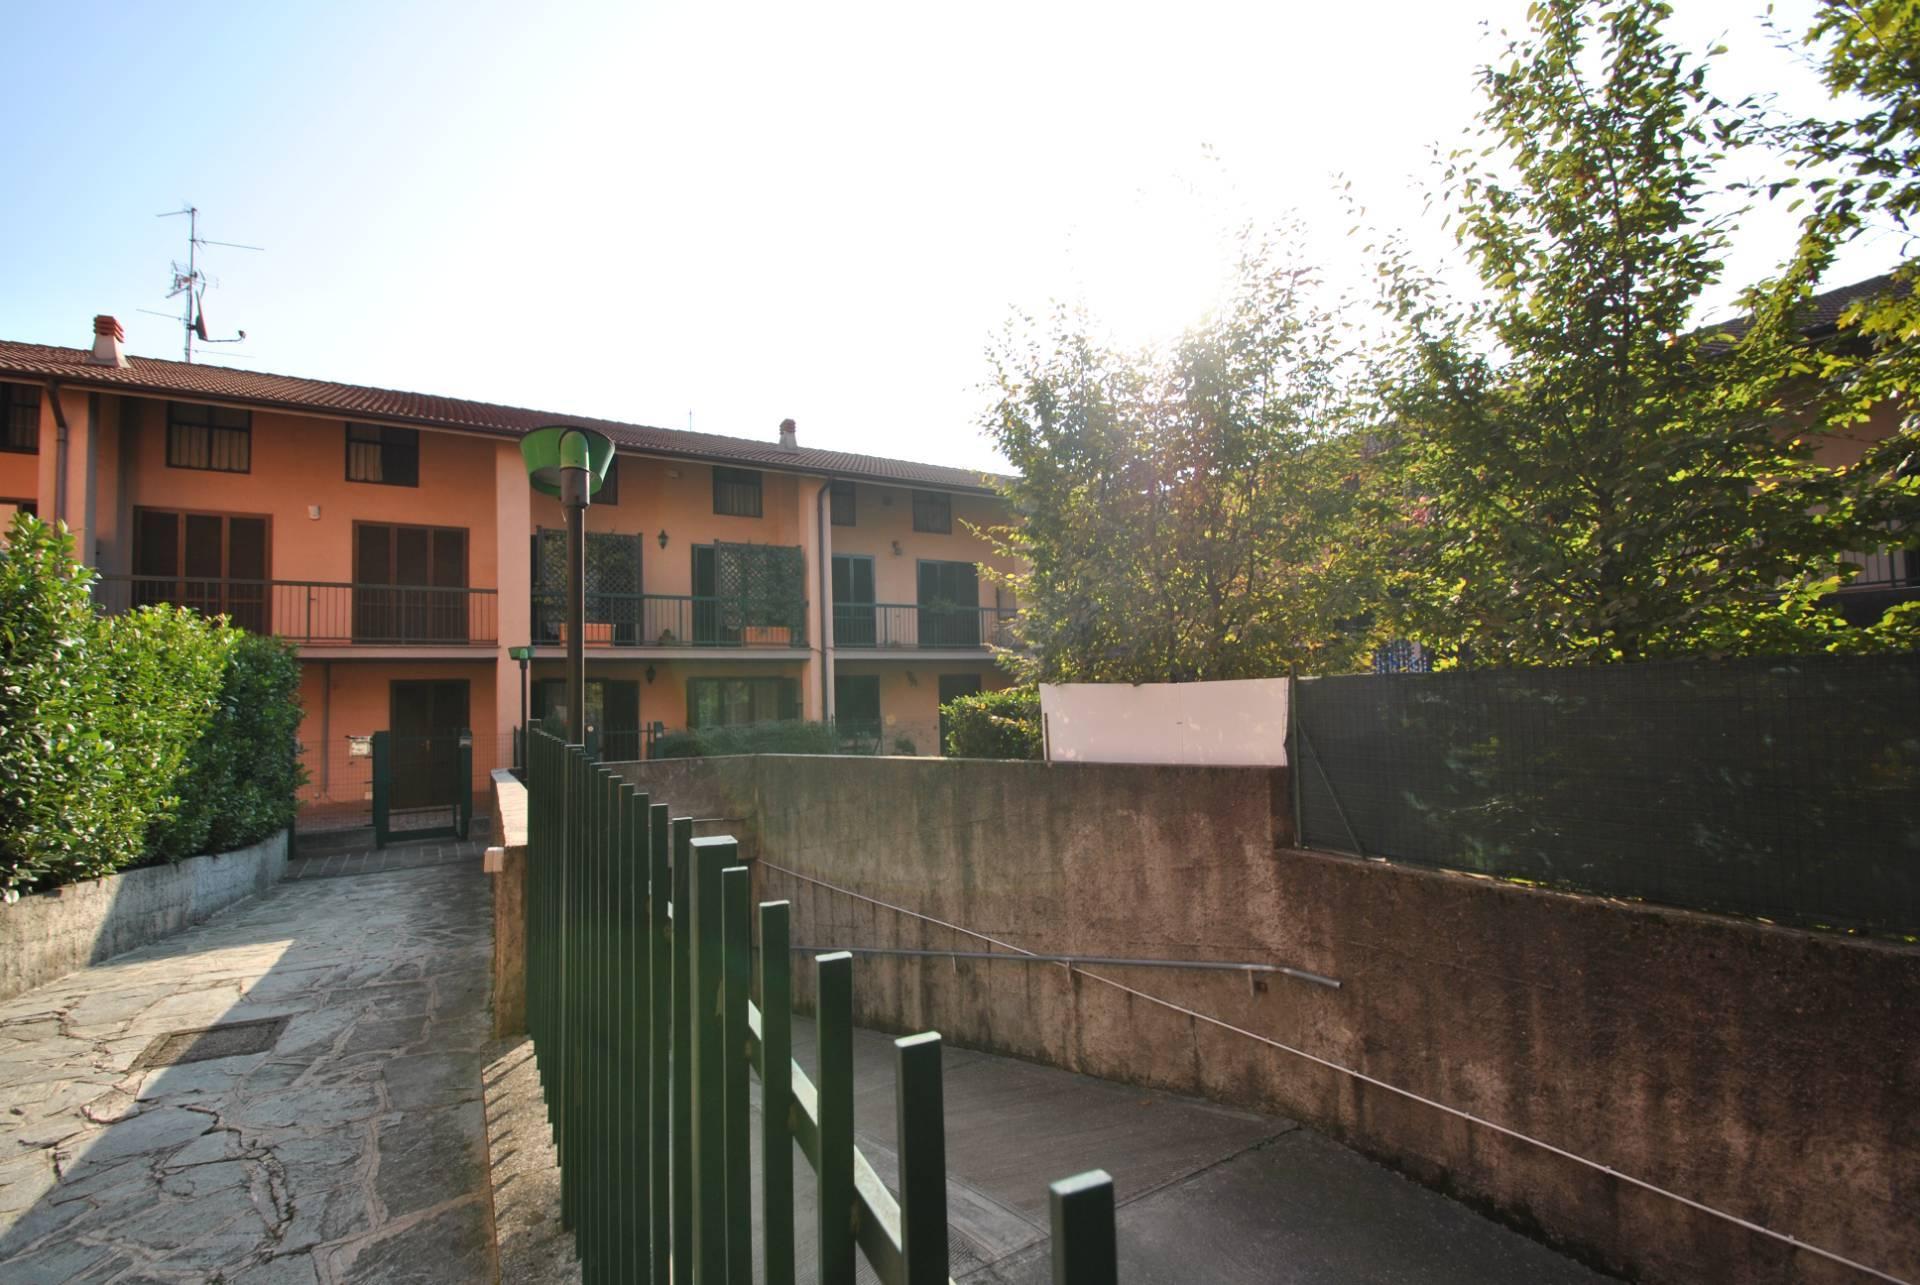 Villa a Schiera in vendita a Vimercate, 6 locali, zona Zona: Oreno, prezzo € 350.000 | CambioCasa.it